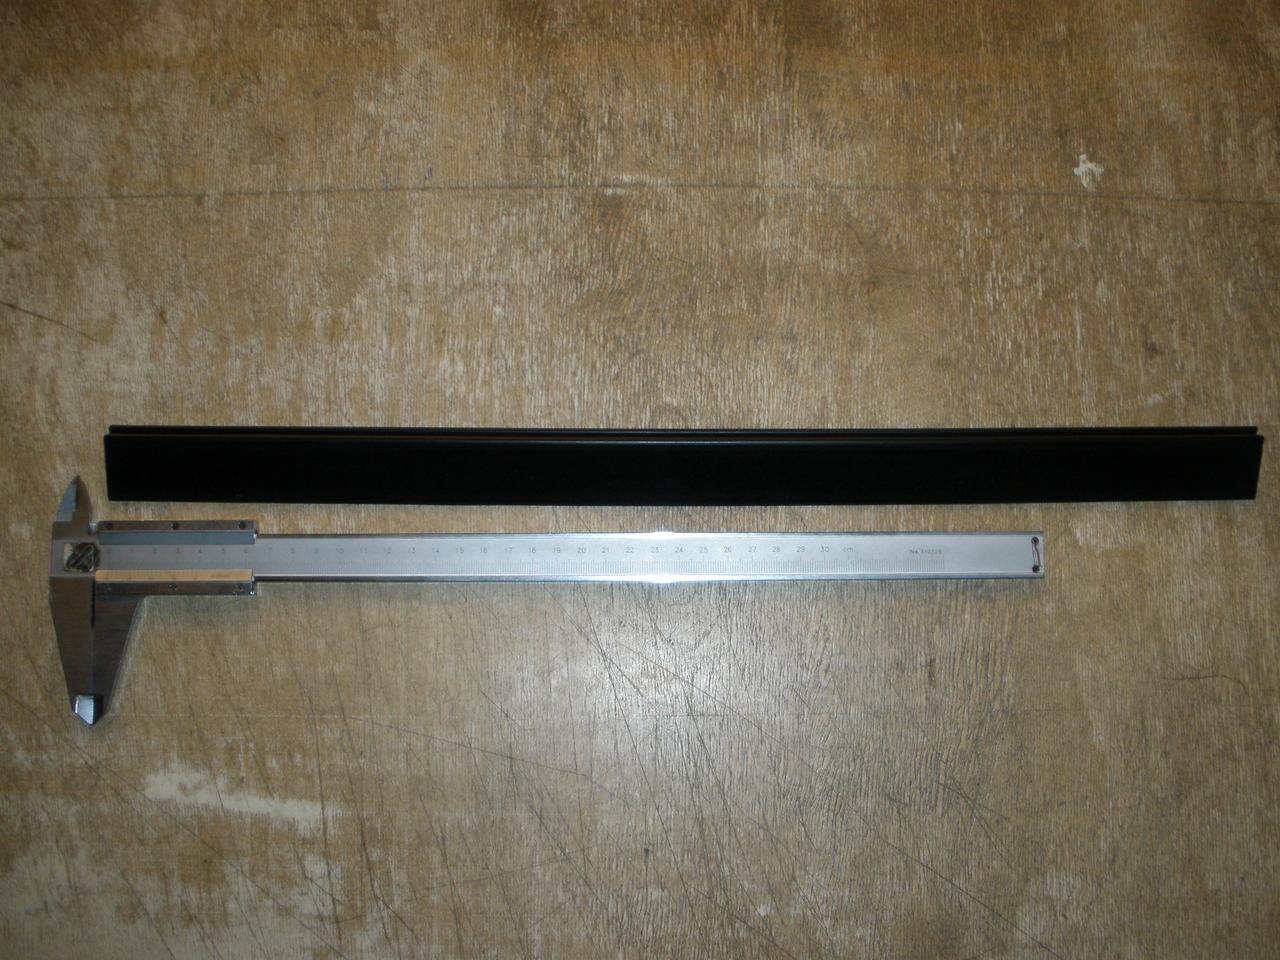 Ущільнювач рухомого скла вертикальний ГАЗ 2705, Газель 3221, 2217 Соболь (3221-5403074 пр-во ЯРТИ)